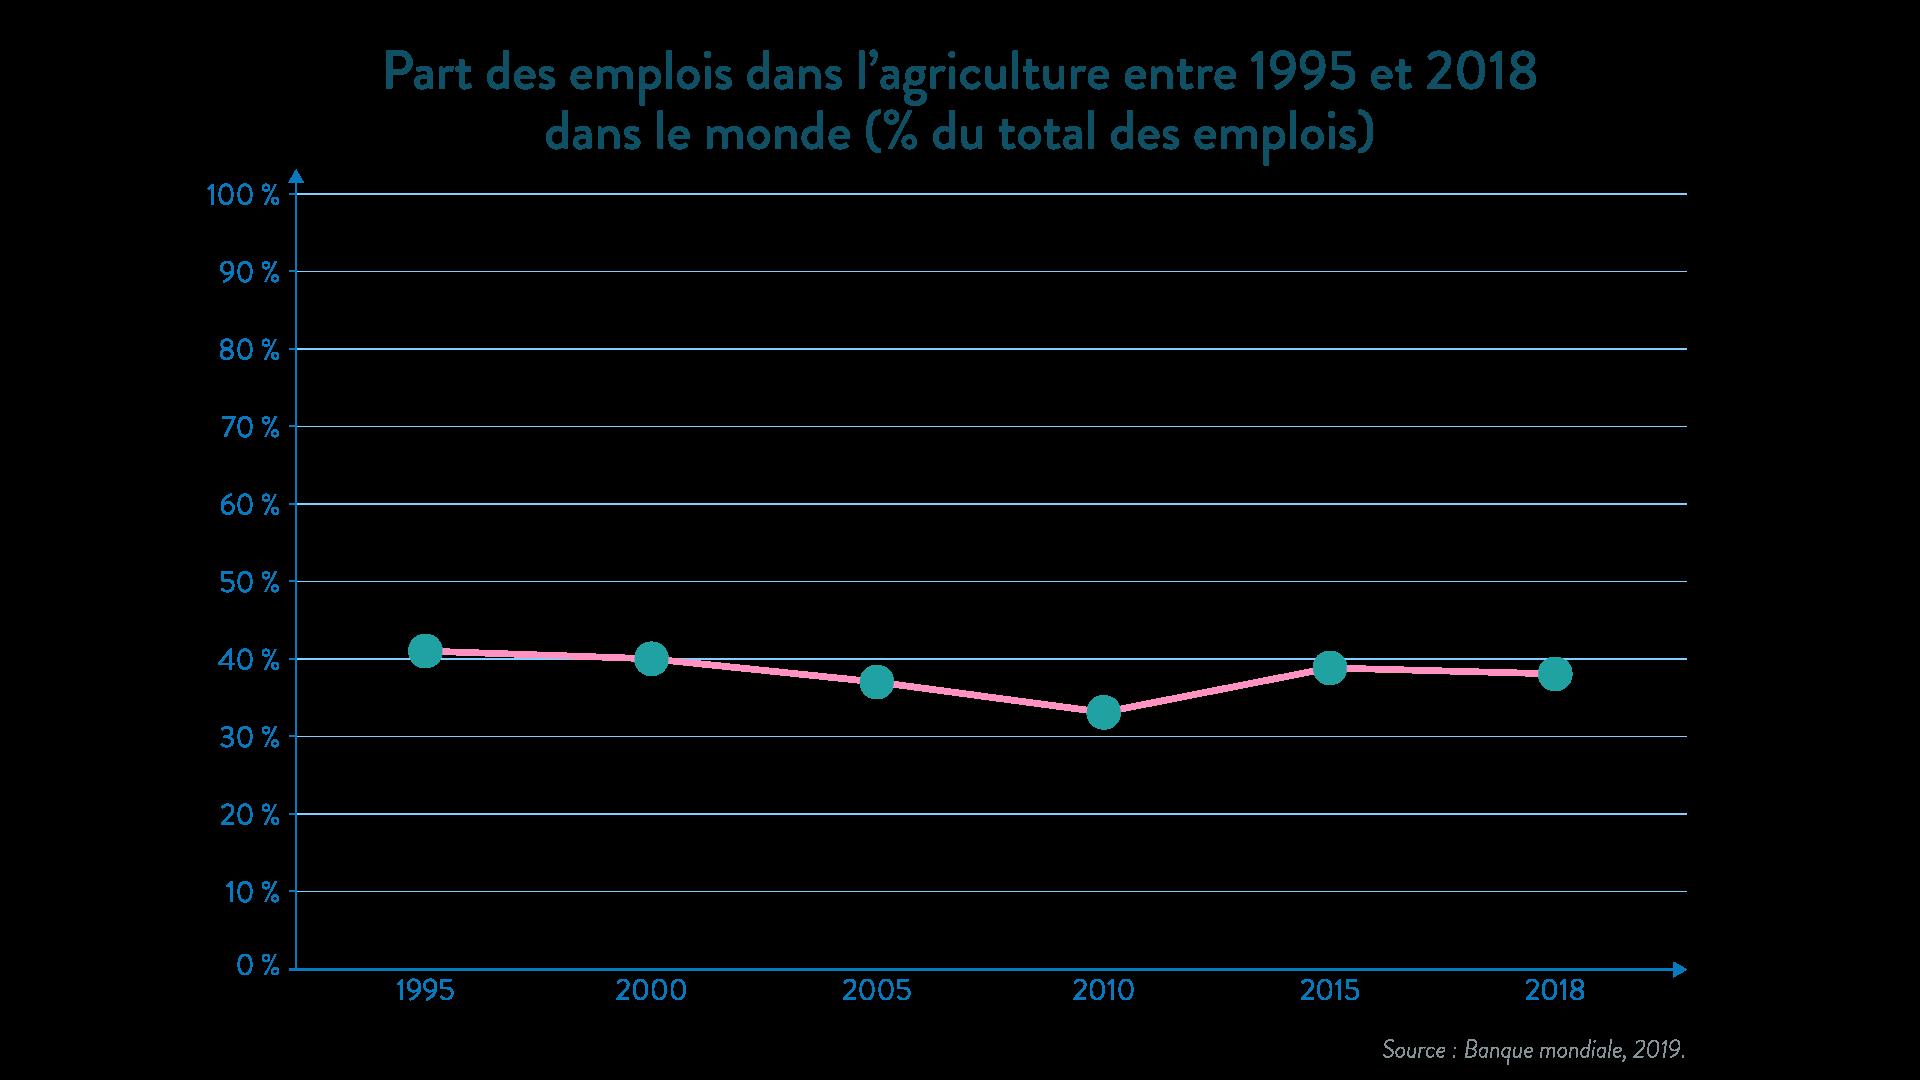 Part des emplois dans l'agriculture entre 1995 et 2018 dans le monde -gographie - 1re - SchoolMouv